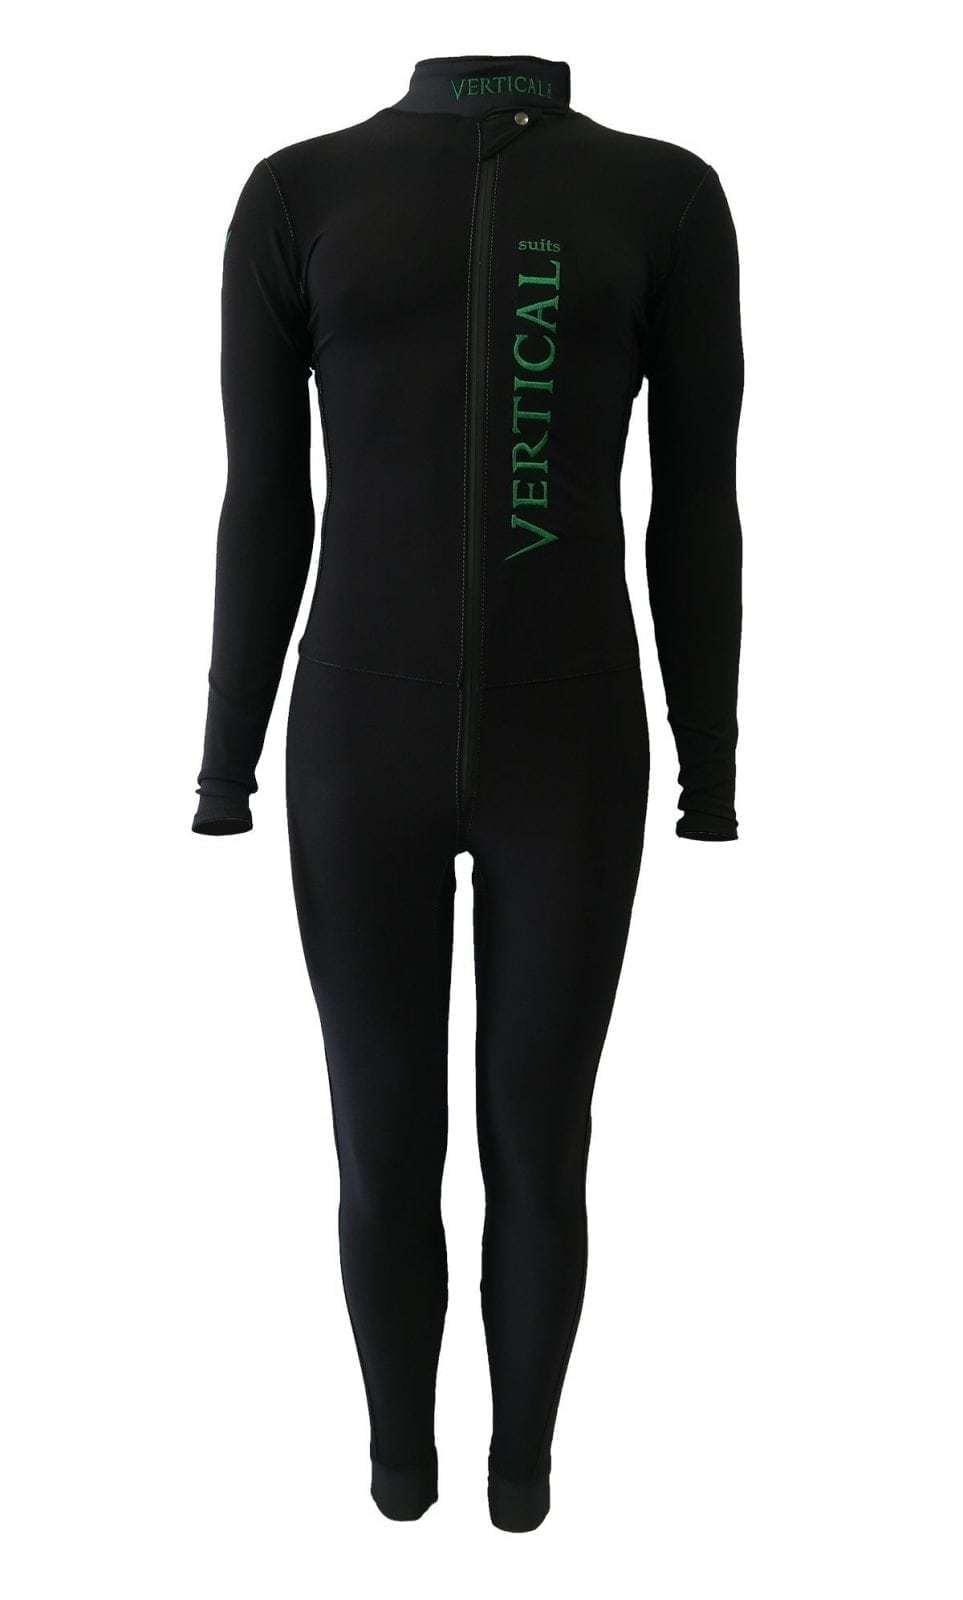 Vertical Suits - Phoenix